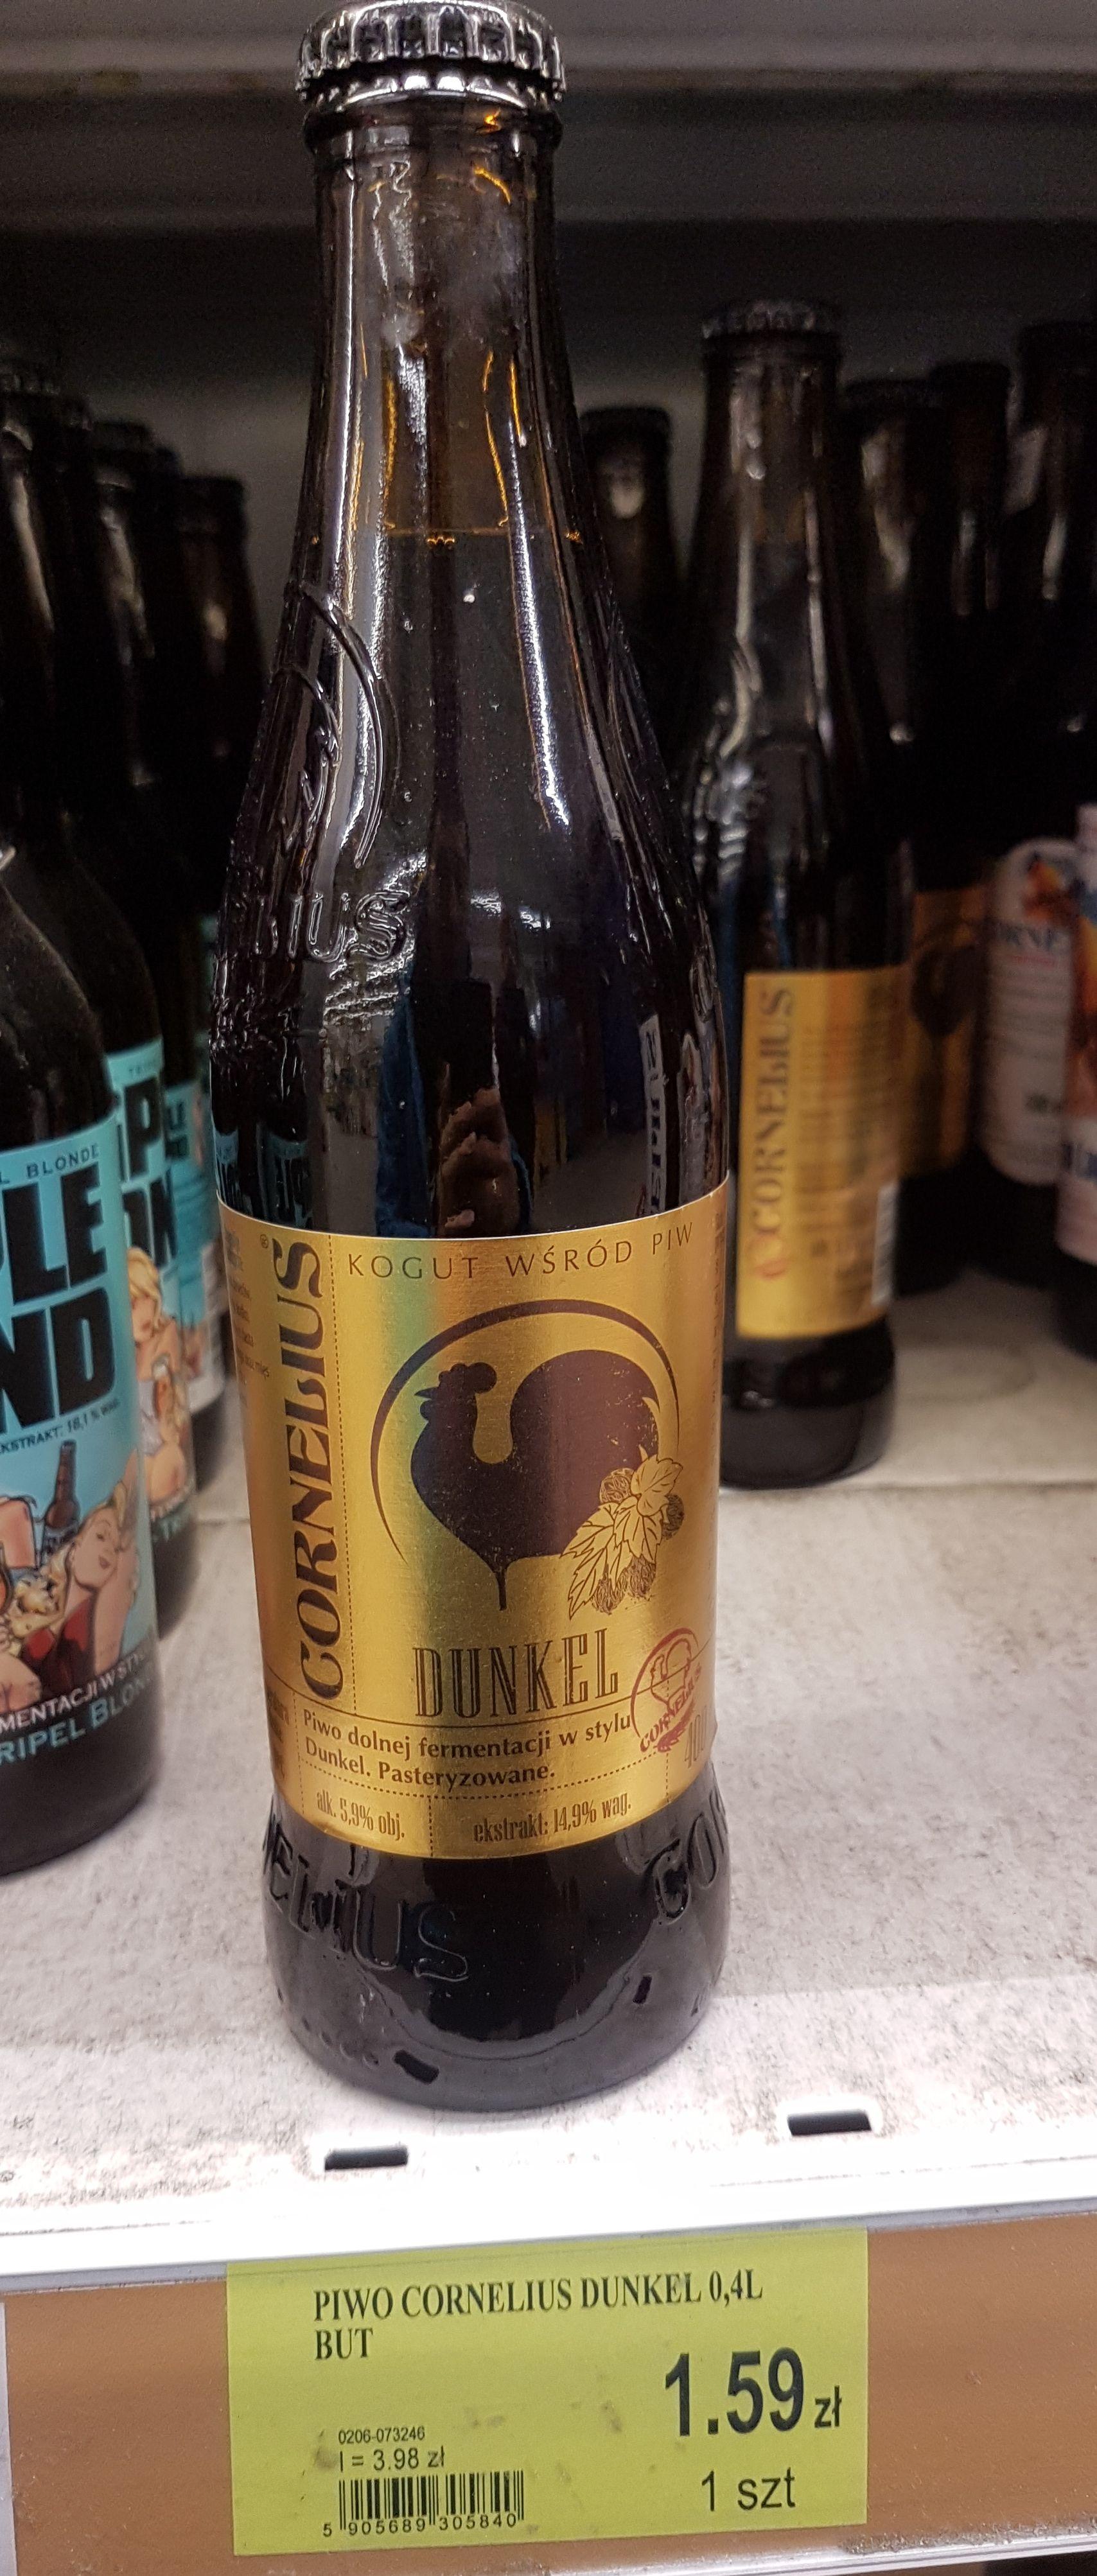 Cornelius Dunkel 0.4 l piwo